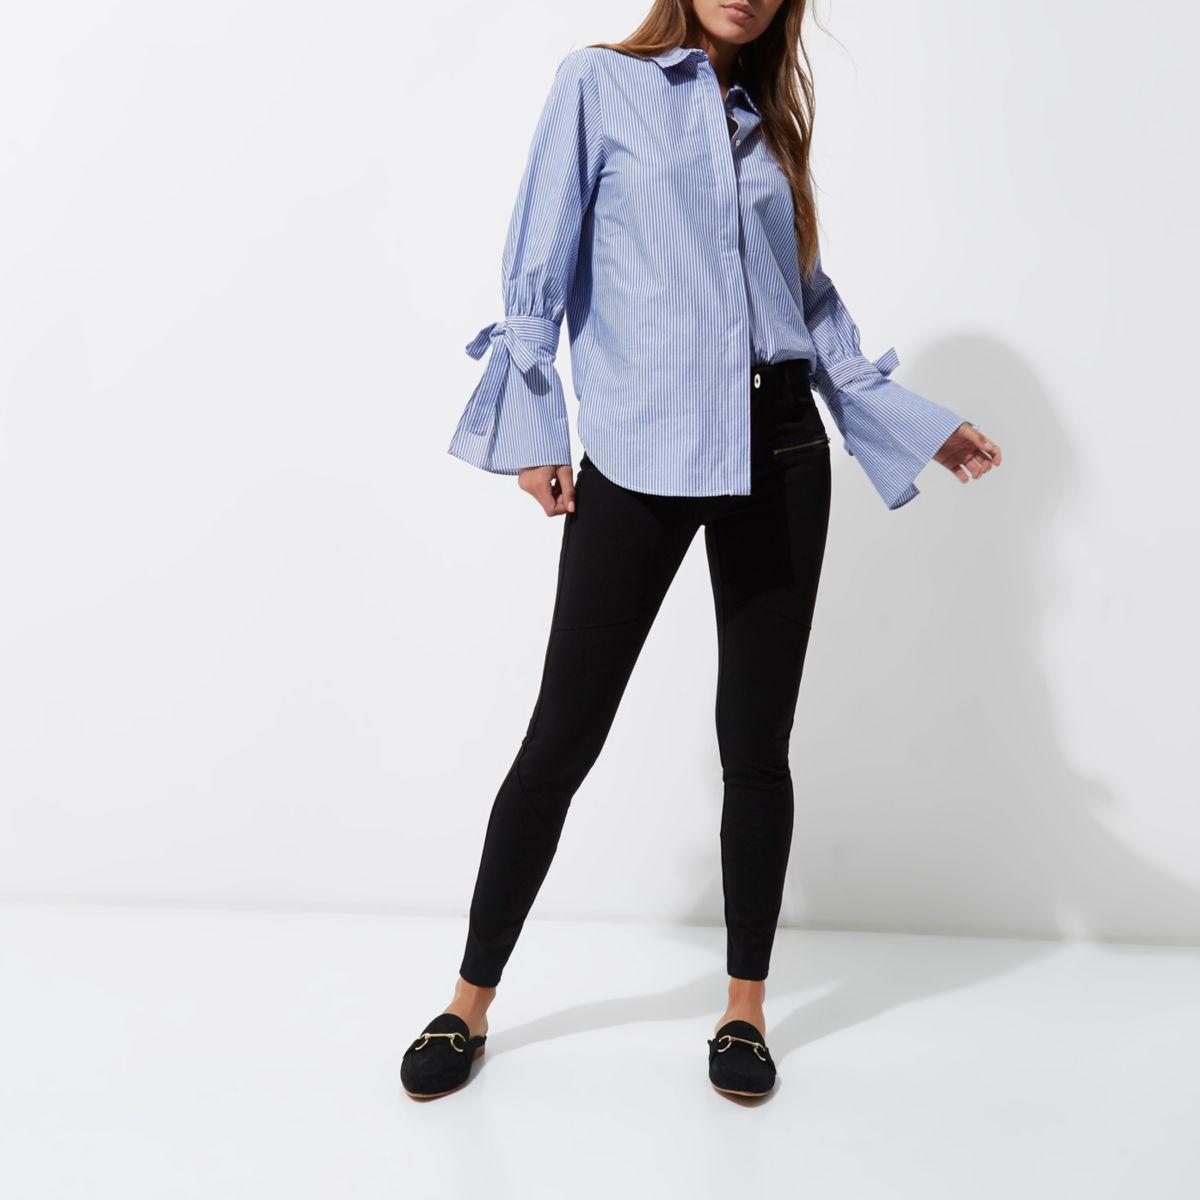 Black zip pocket skinny fit pants